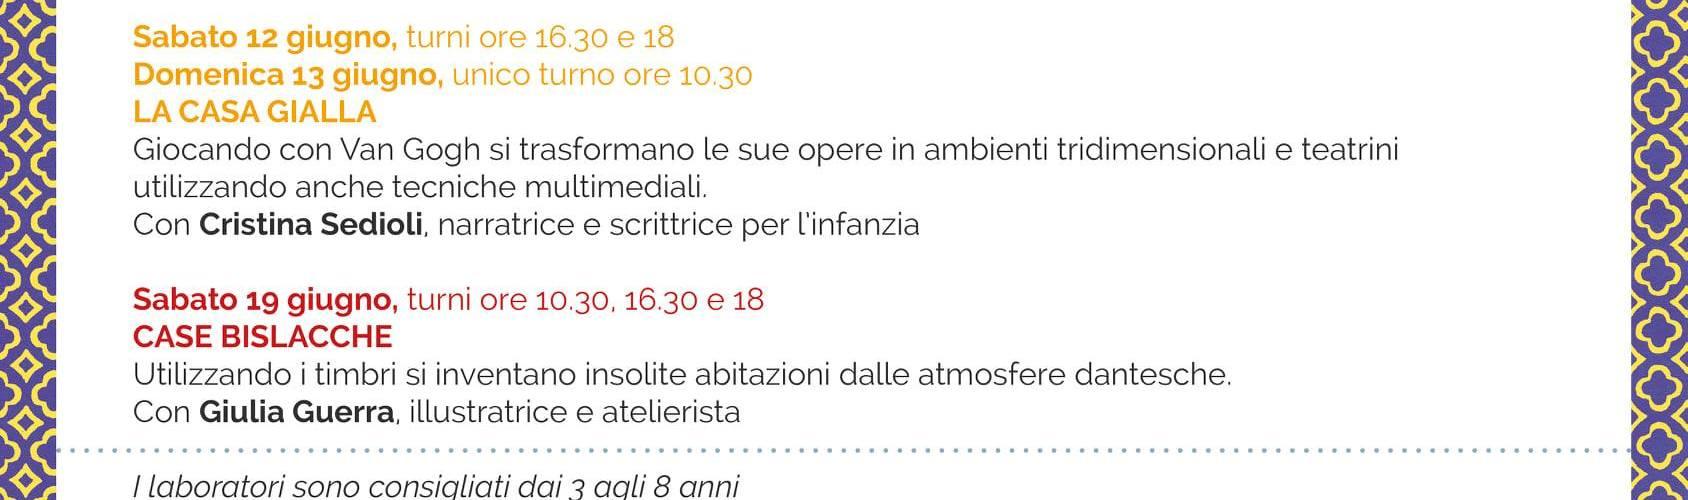 ARCHITETTURA FANTASTICA: i laboratori per le famiglie a Palazzo Rasponi